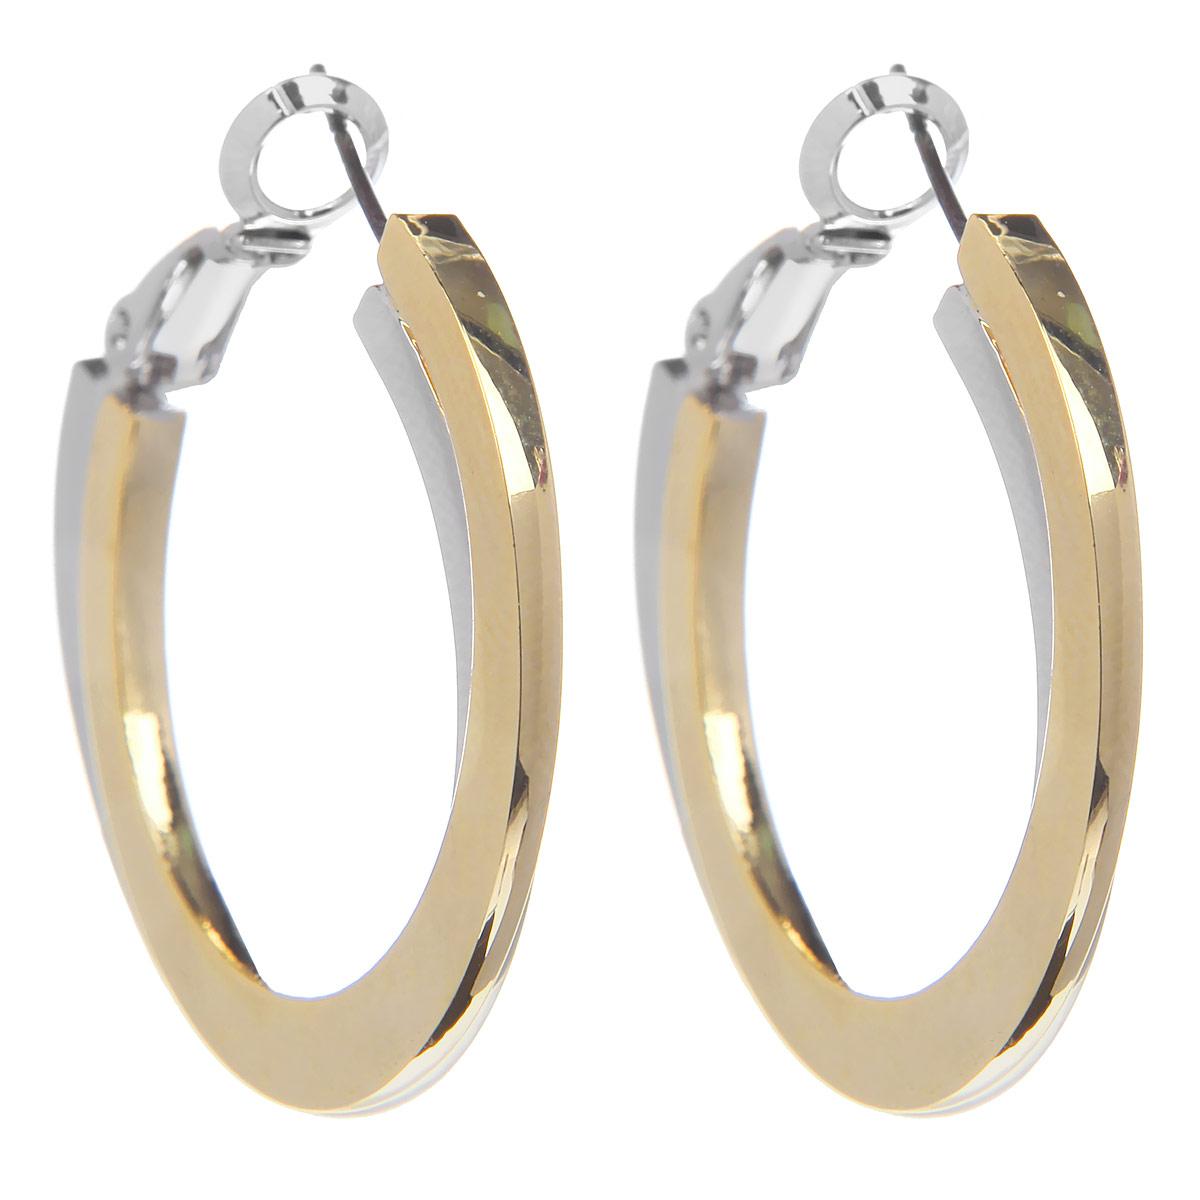 Серьги Taya, цвет: серебристый, золотистый. T-B-6092T-B-6092-EARR-SL.GOLDОригинальные серьги Taya, выполненные из гипоаллергенного сплава на основе латуни, представляют собой соединенные кольца из металла золотистого и серебристого оттенка. Имеют надежную застежку в виде булавки, что обеспечивает надежное удержание серьги. Такие серьги позволят вам с легкостью воплотить самую смелую фантазию и создать собственный, неповторимый образ.